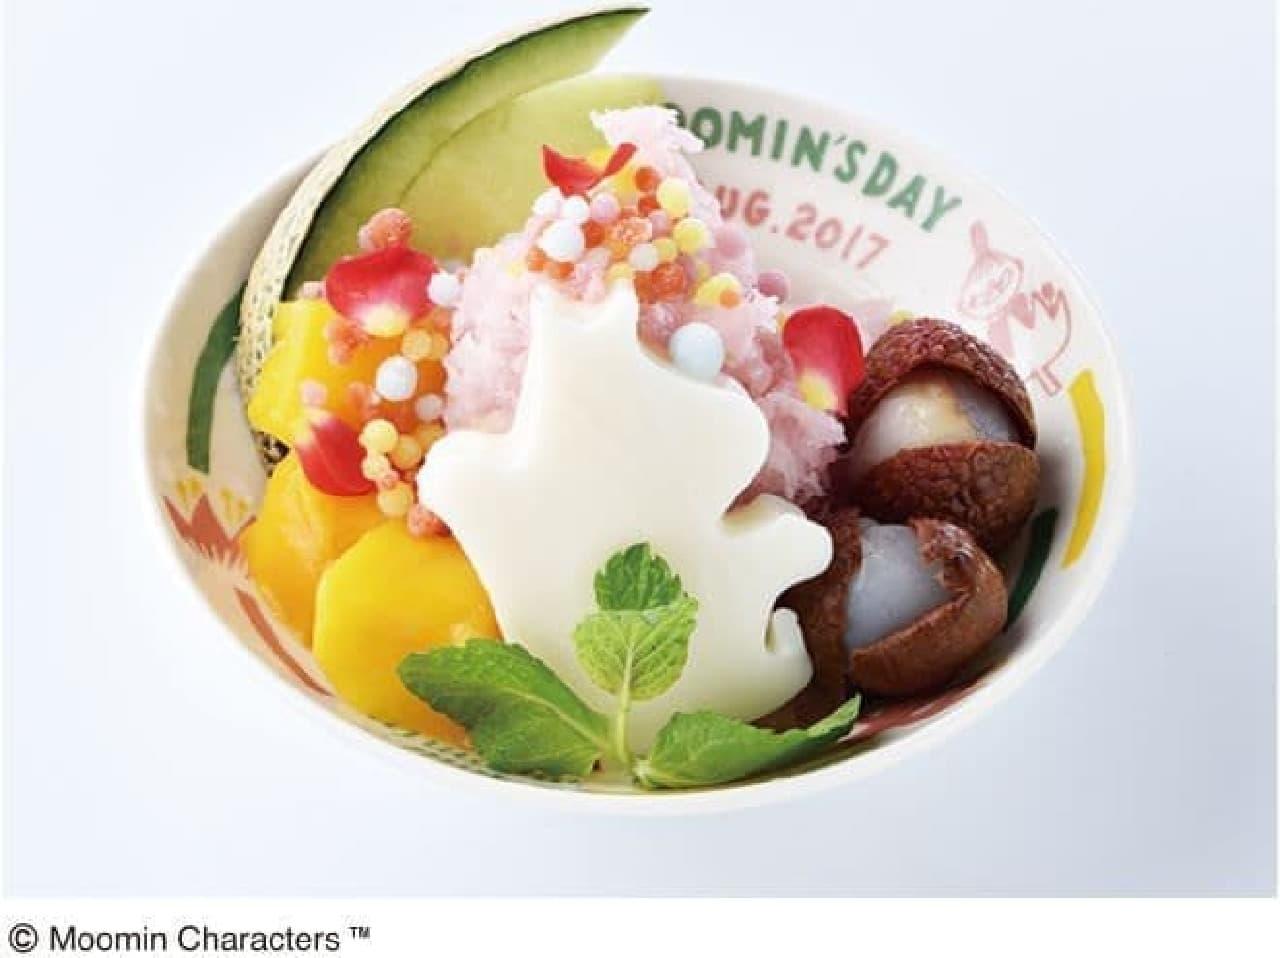 ムーミンベーカリー&カフェ ラクーア店で提供されるMOOMIN'S DAY スーベニアデザートは、かき氷